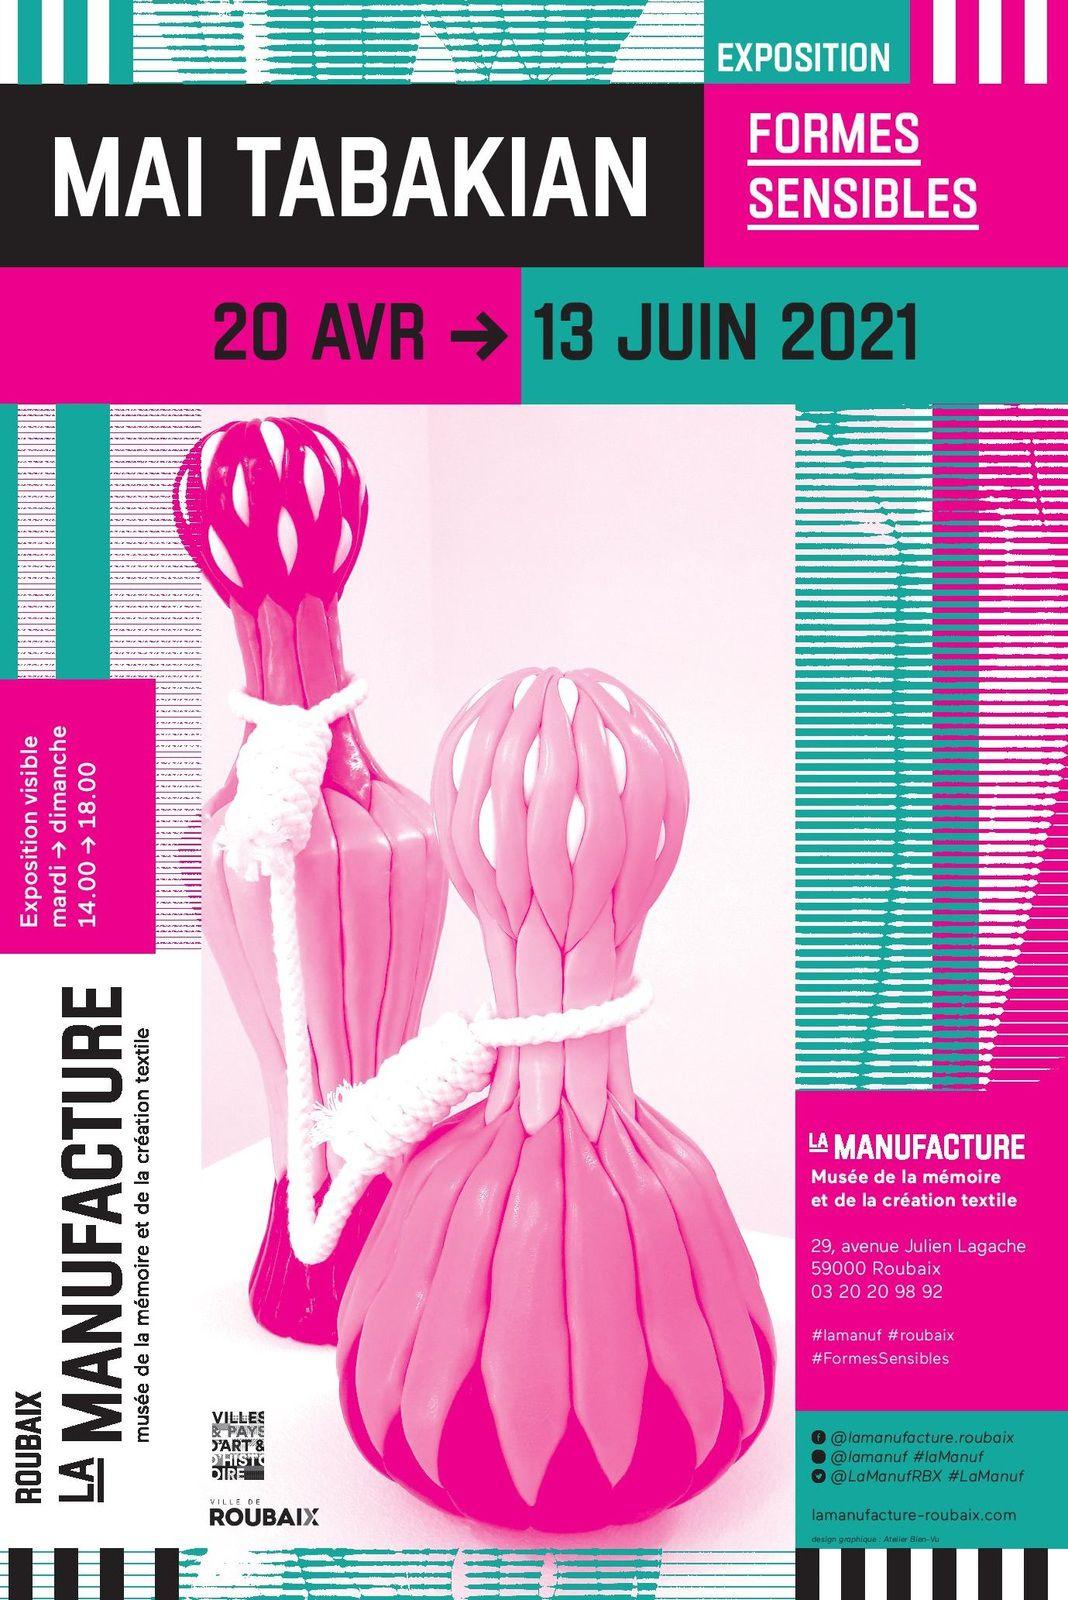 Formes sensibles - Exposition personnelle - Manufacture de Roubaix du 8 avril au 19 juin 2022